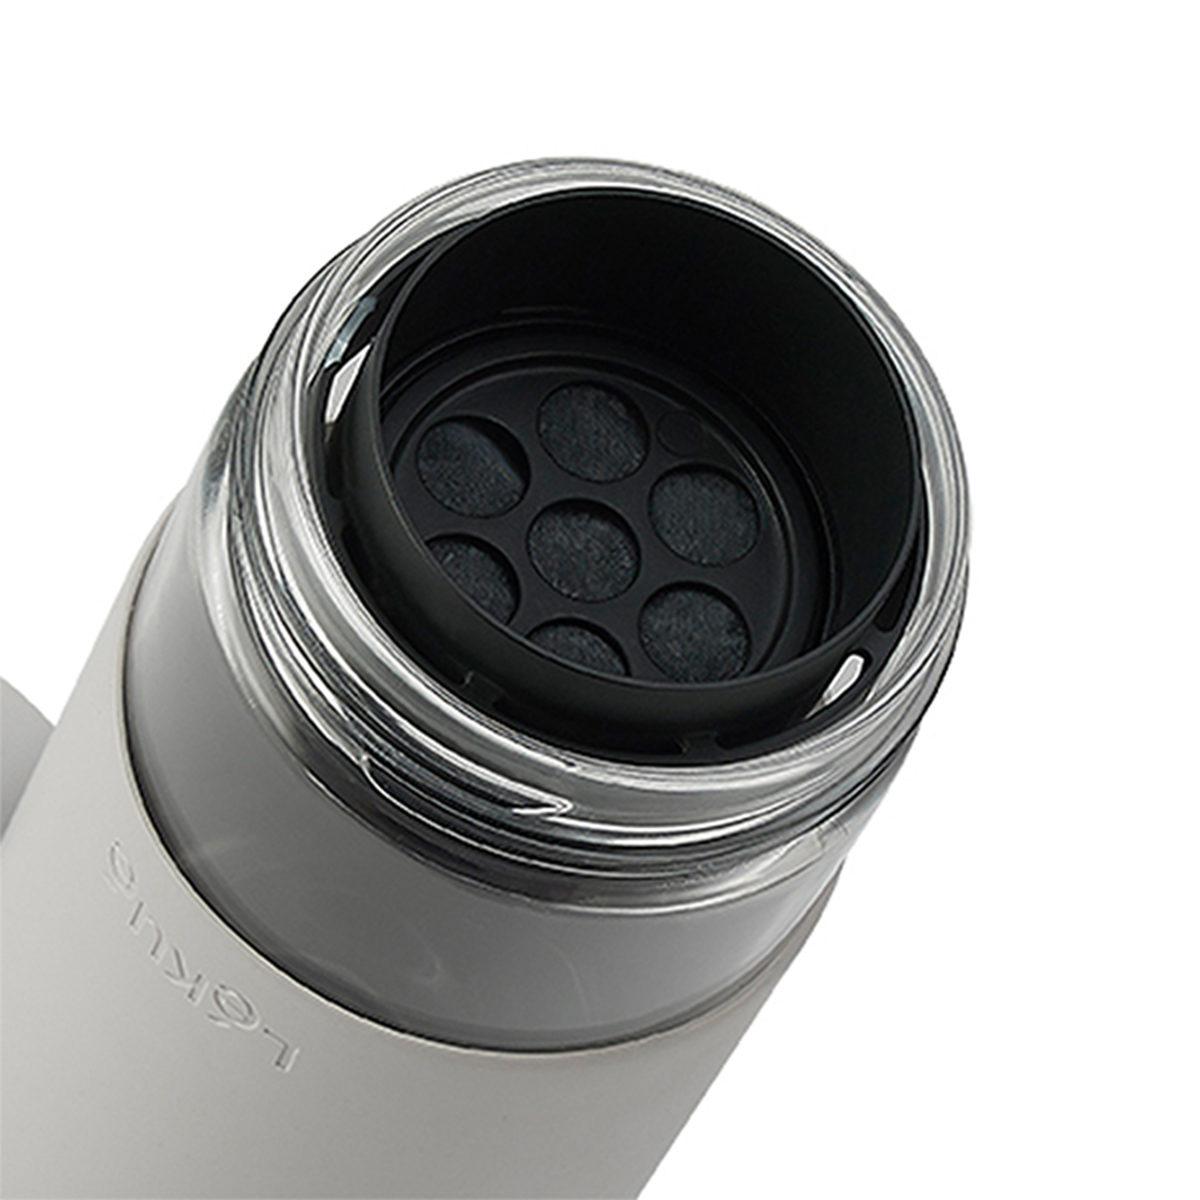 filtry do butelki lekue